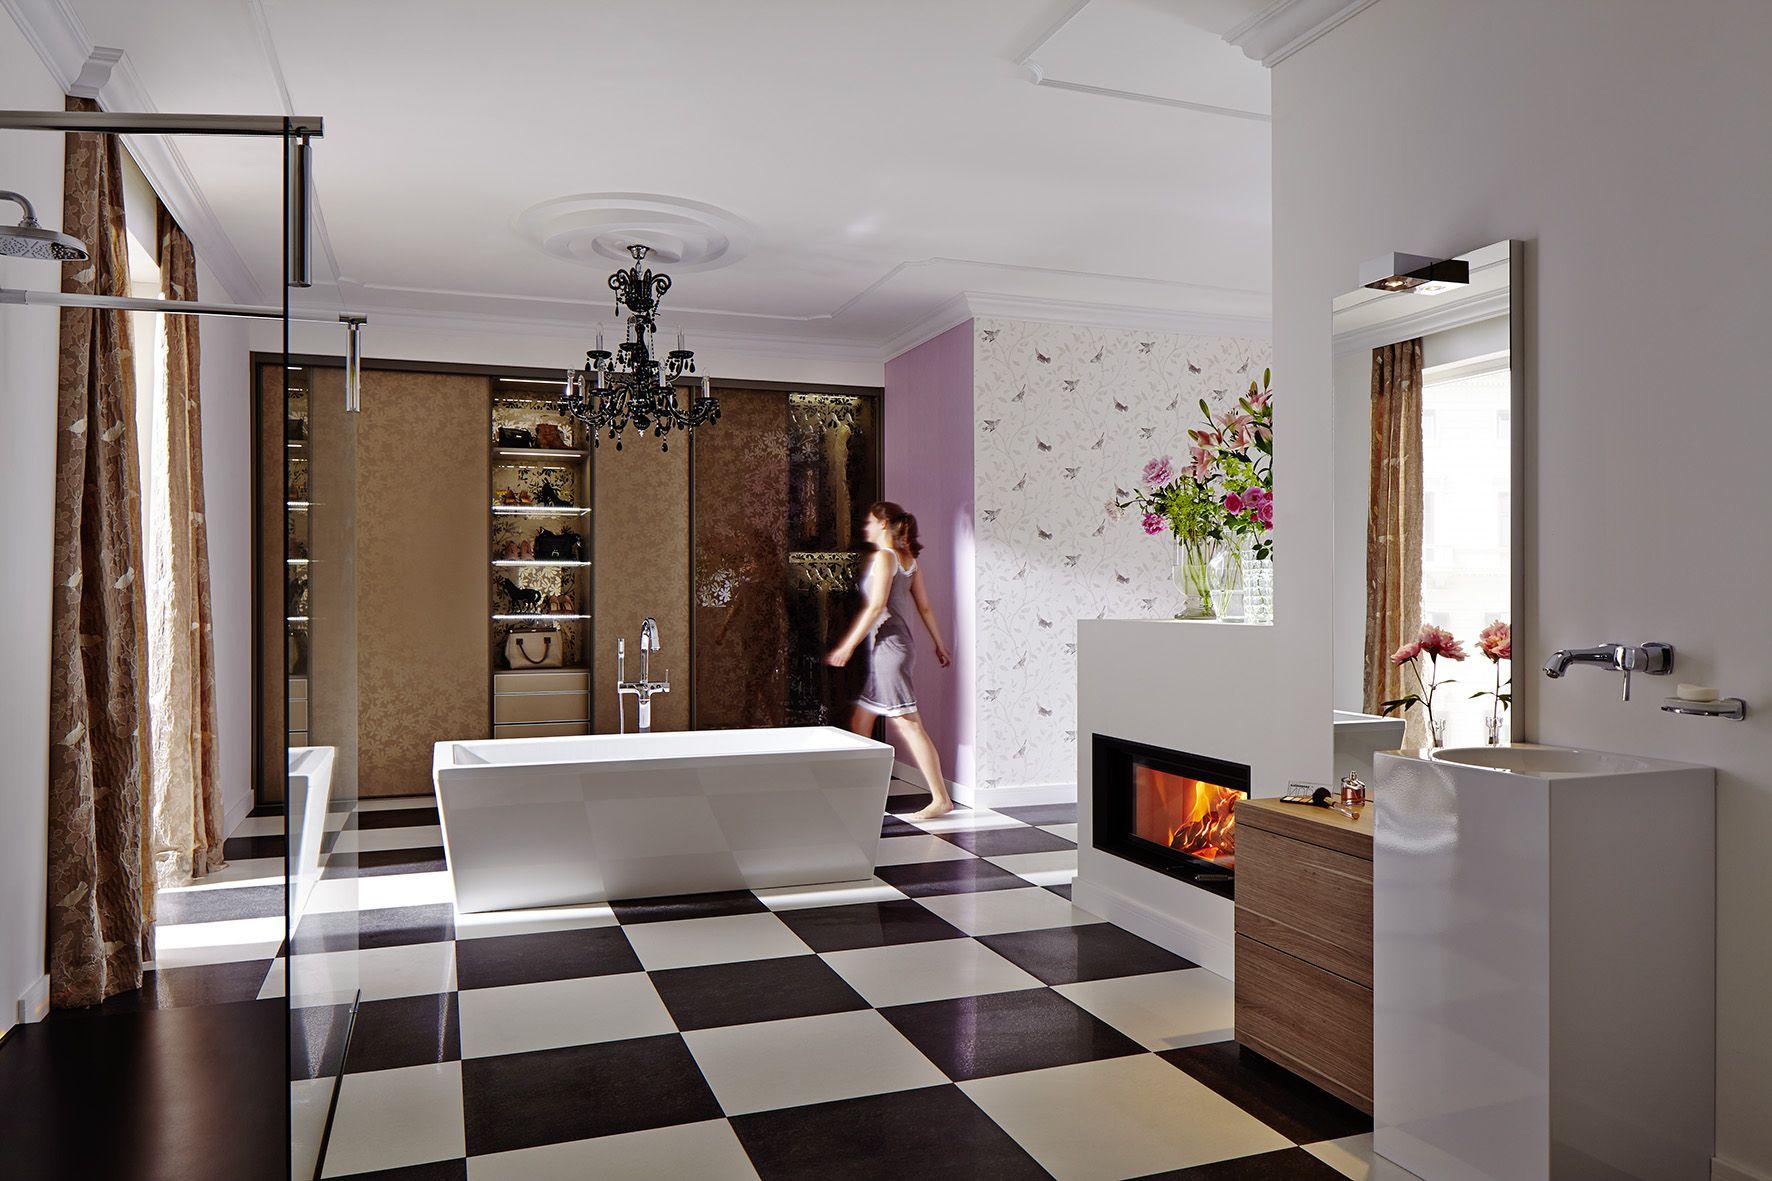 styroporleisten stuckleisten zierleisten. Black Bedroom Furniture Sets. Home Design Ideas